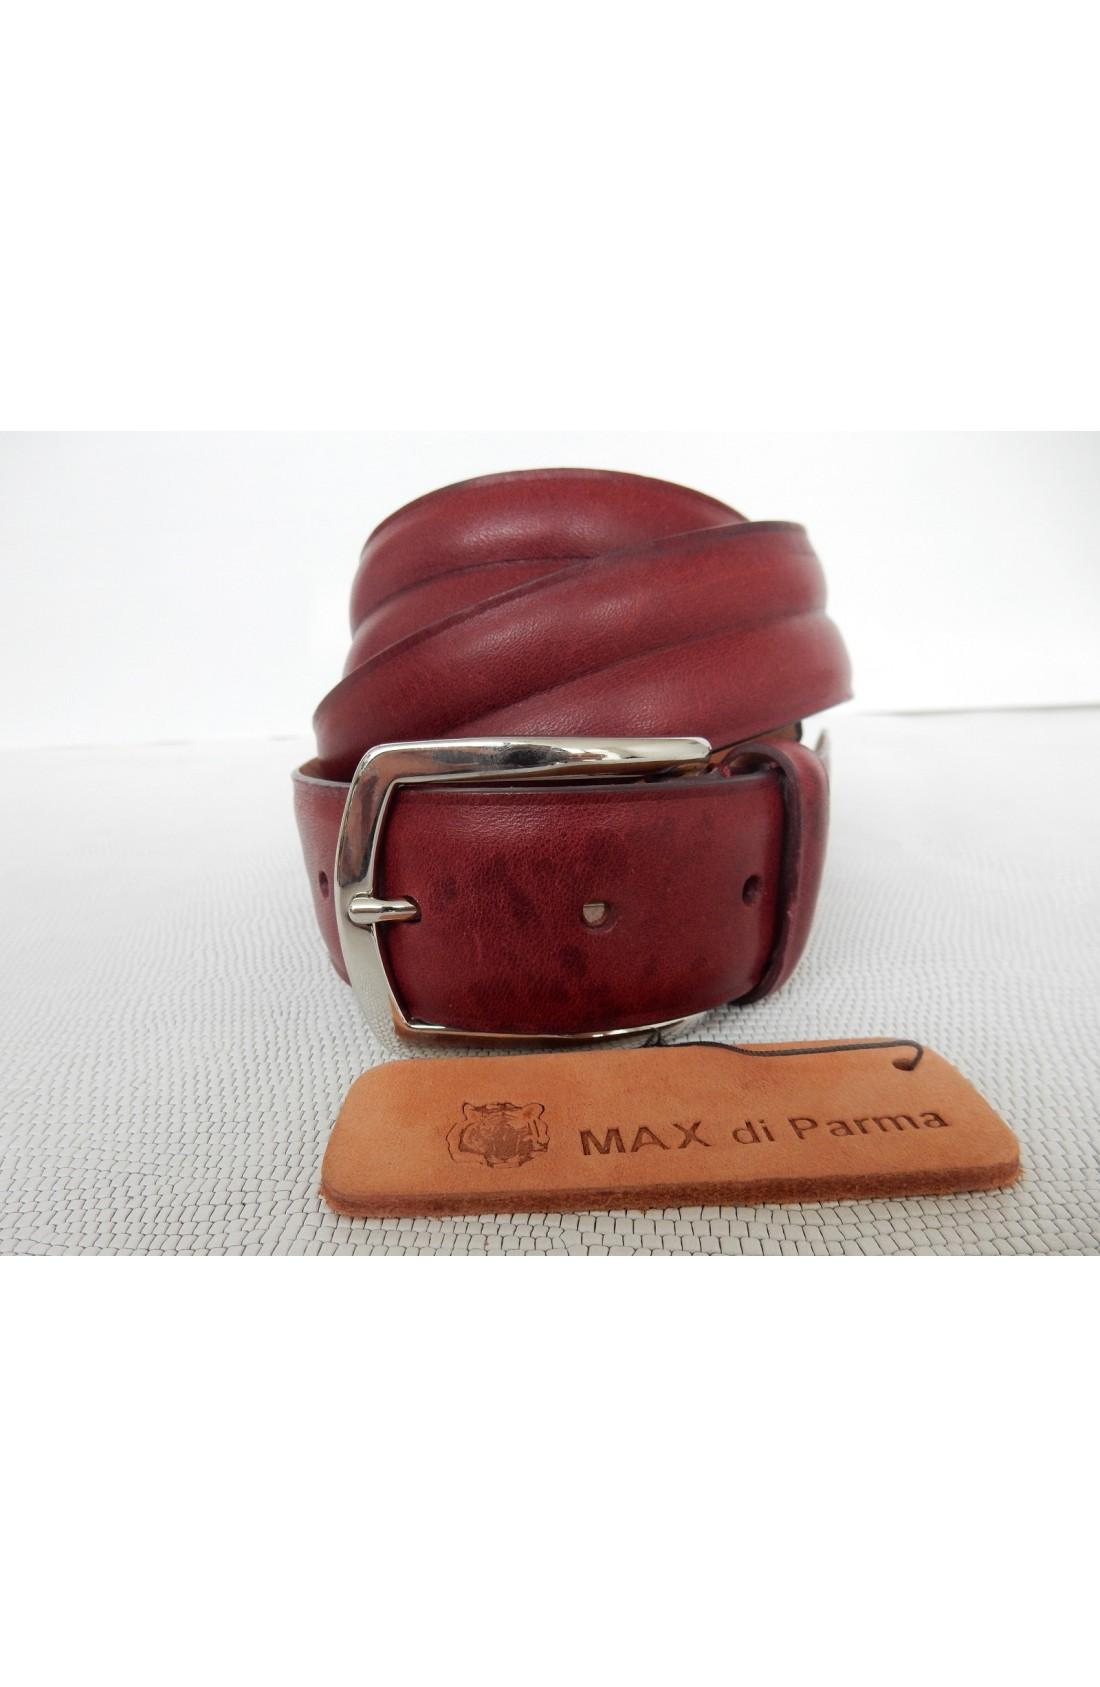 CINTURA UNISEX art.497 KANSAS su spalle toro mm.35 var.7 rosso inglese (con scanalatura interna) fib.I 193 (1)